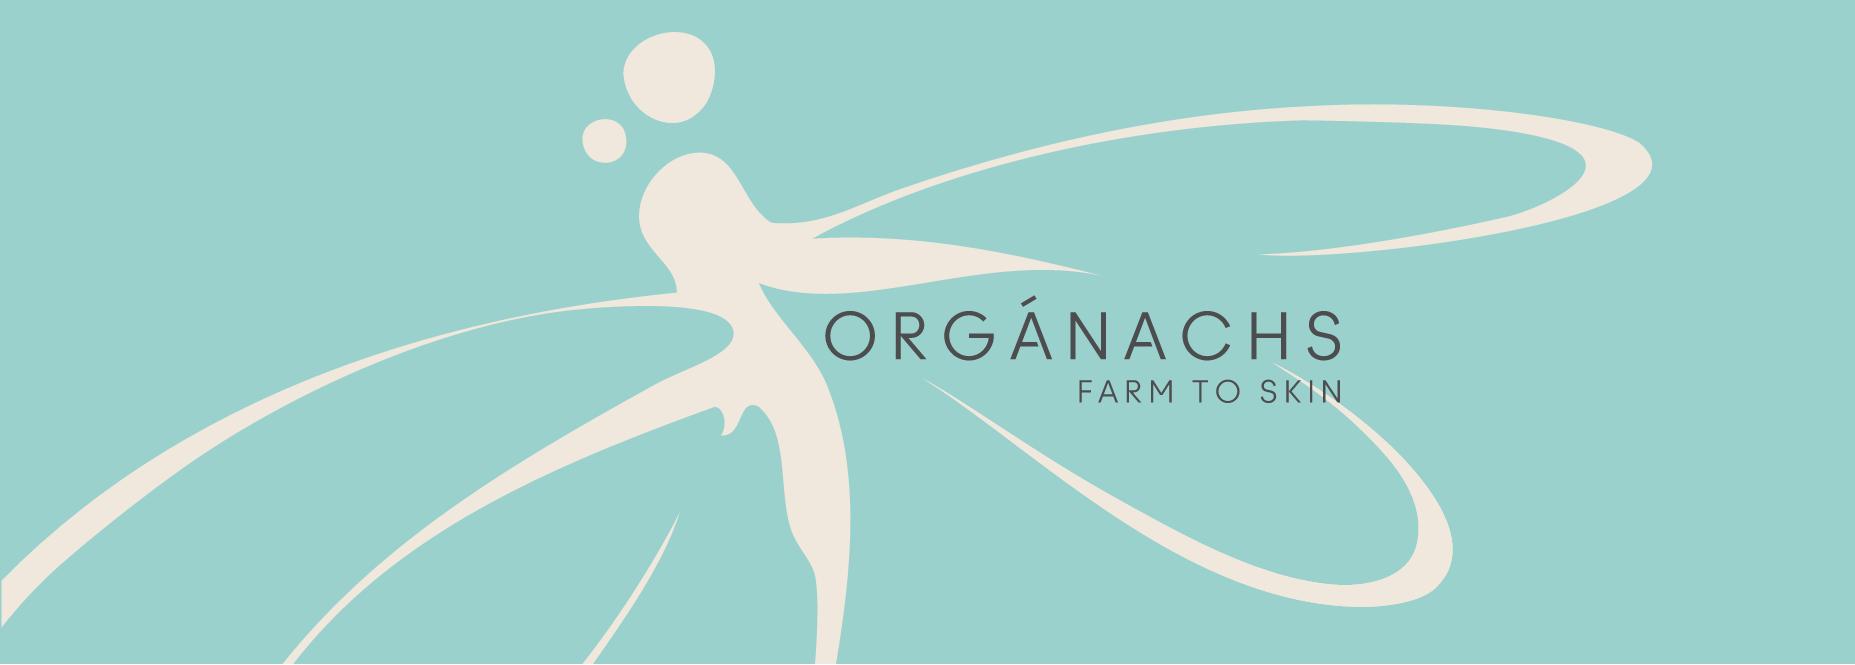 organachs-header-image.png